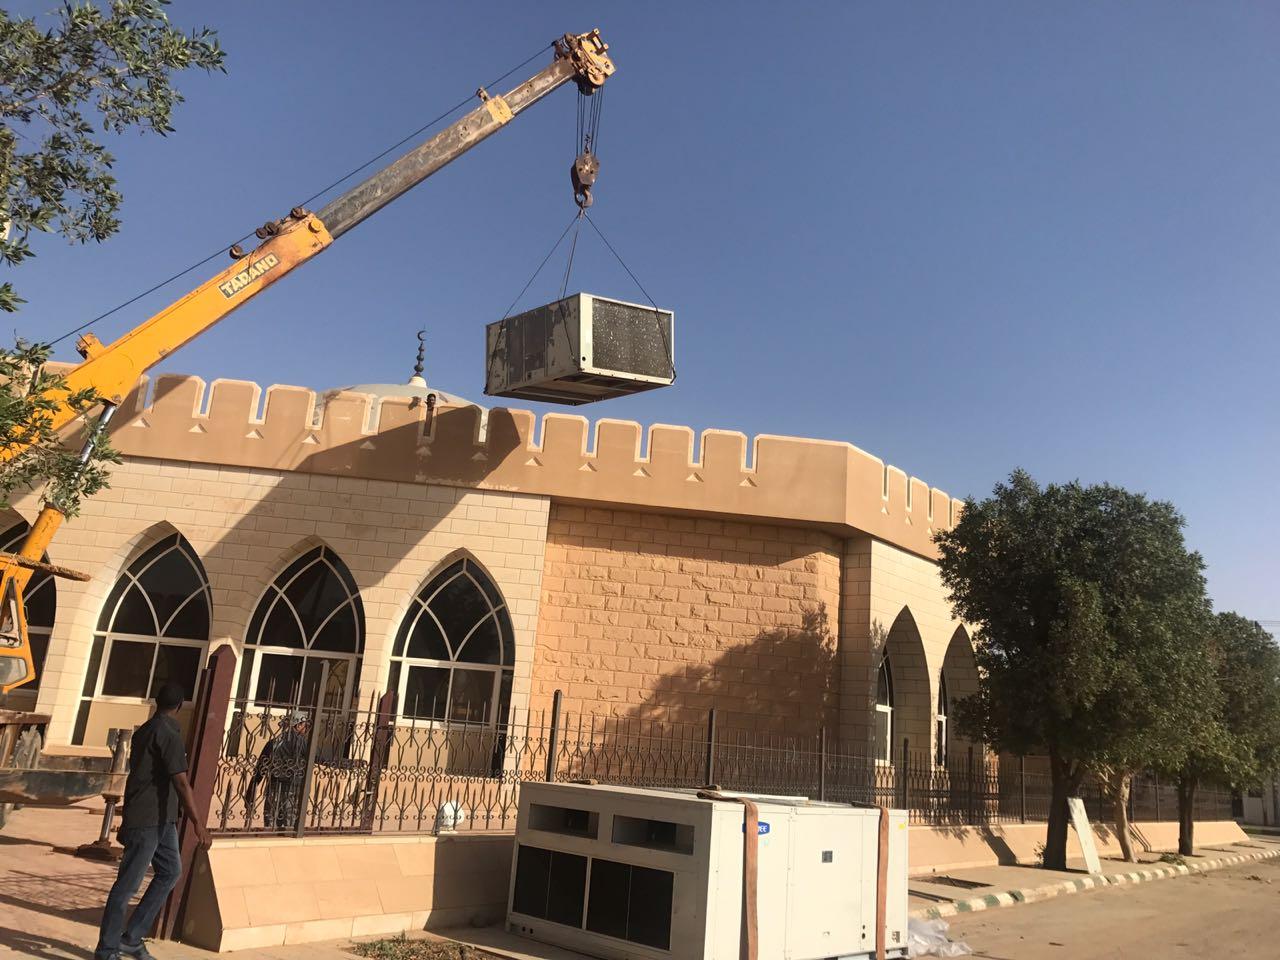 صورة بتكلفة تجاوزت 300000 ريال وبدعم من المحسنين جمعية أشيقر الخيرية تنهي أعمالها في ترميم جامع أشيقر